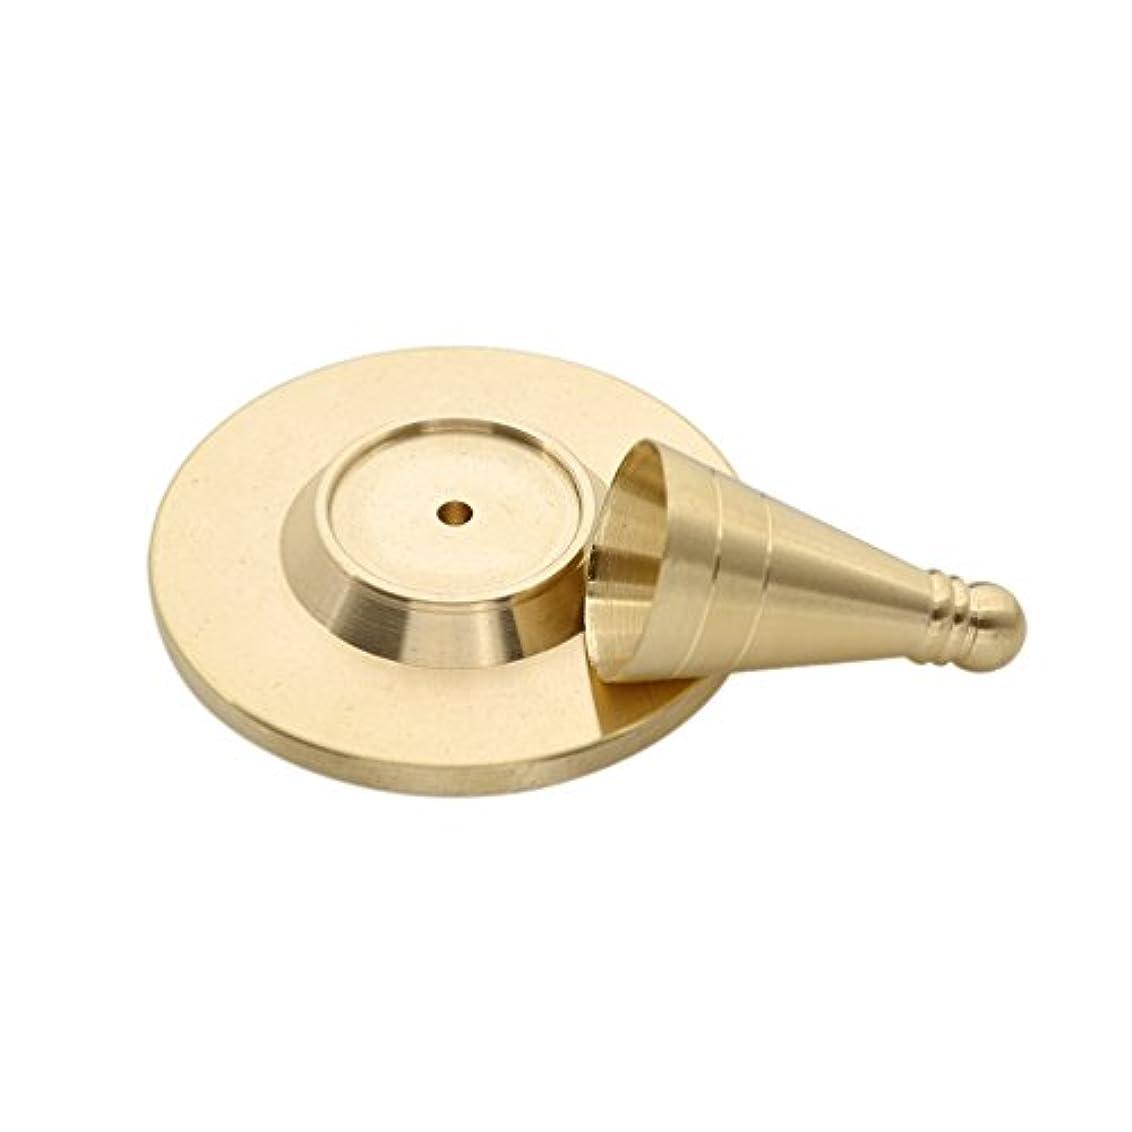 すごい感じるぐったり(ライチ) Lychee 手作り お香 DIY用 ツール インセンス コーンタイプ 円錐 モールド 自家製 高さ3.5cm